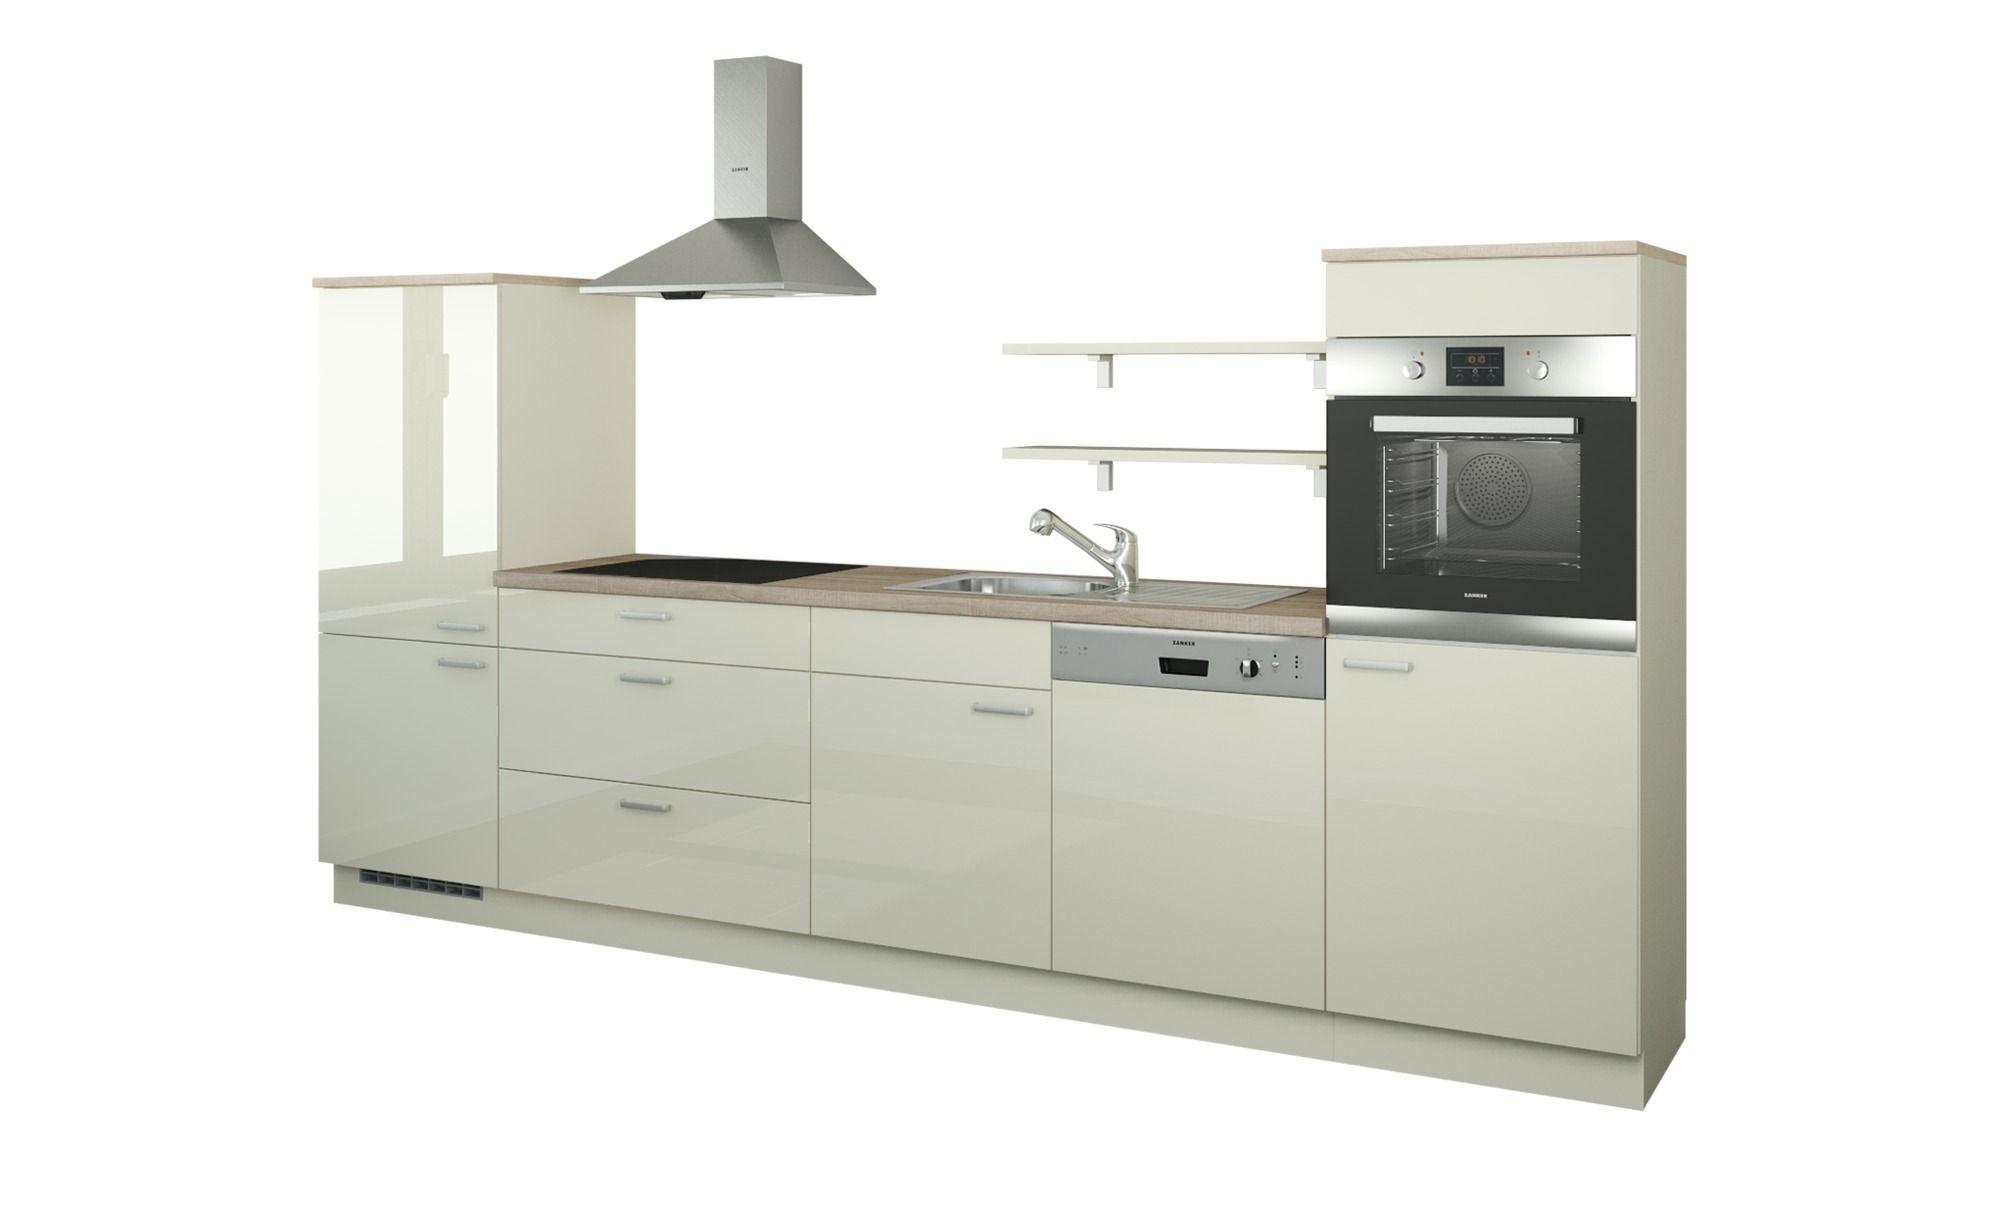 Küchenzeile Ohne Elektrogeräte Kassel